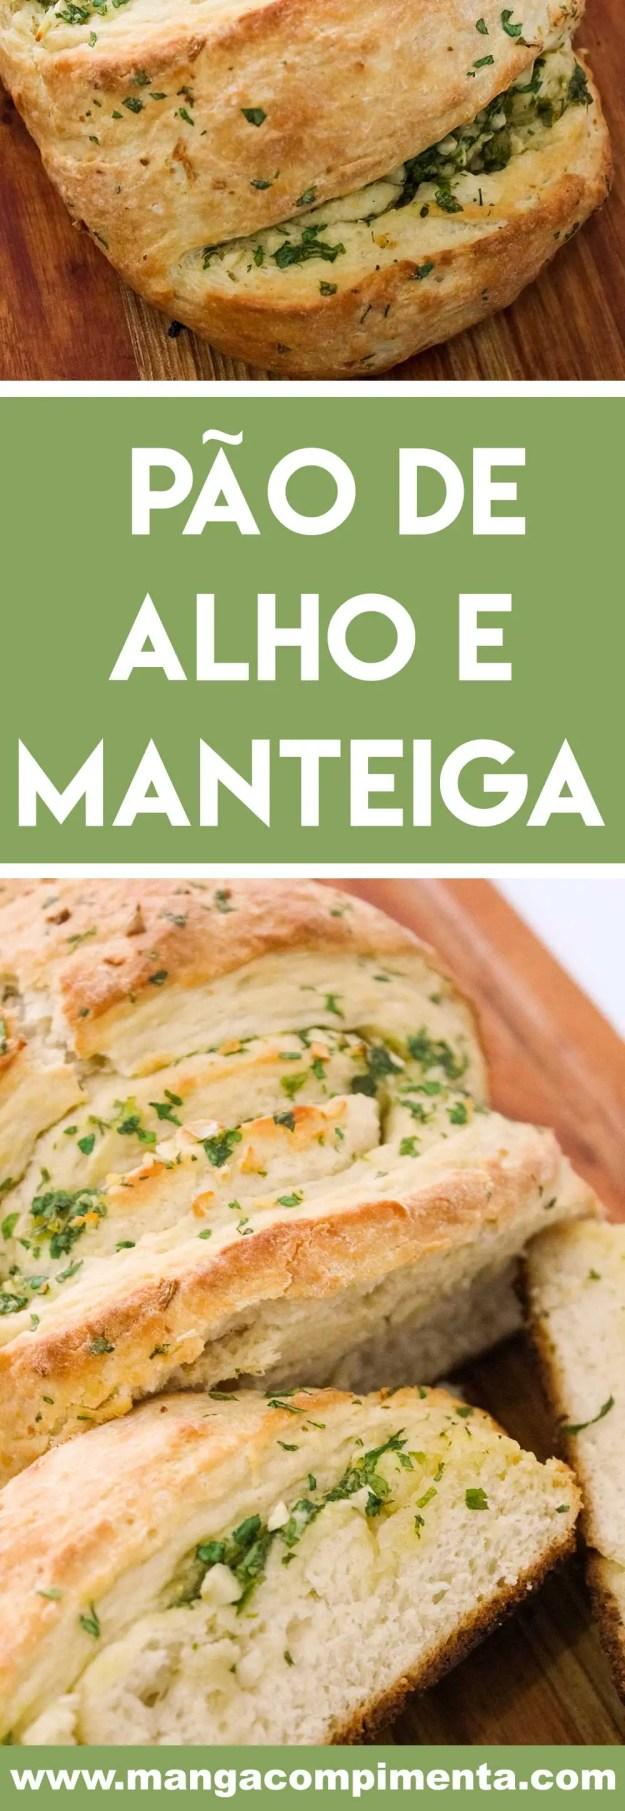 Receita de Pão de Alho e Manteiga Caseiro - prepare para o lanche da tarde ou para acompanhar aquele churrasco delicioso.